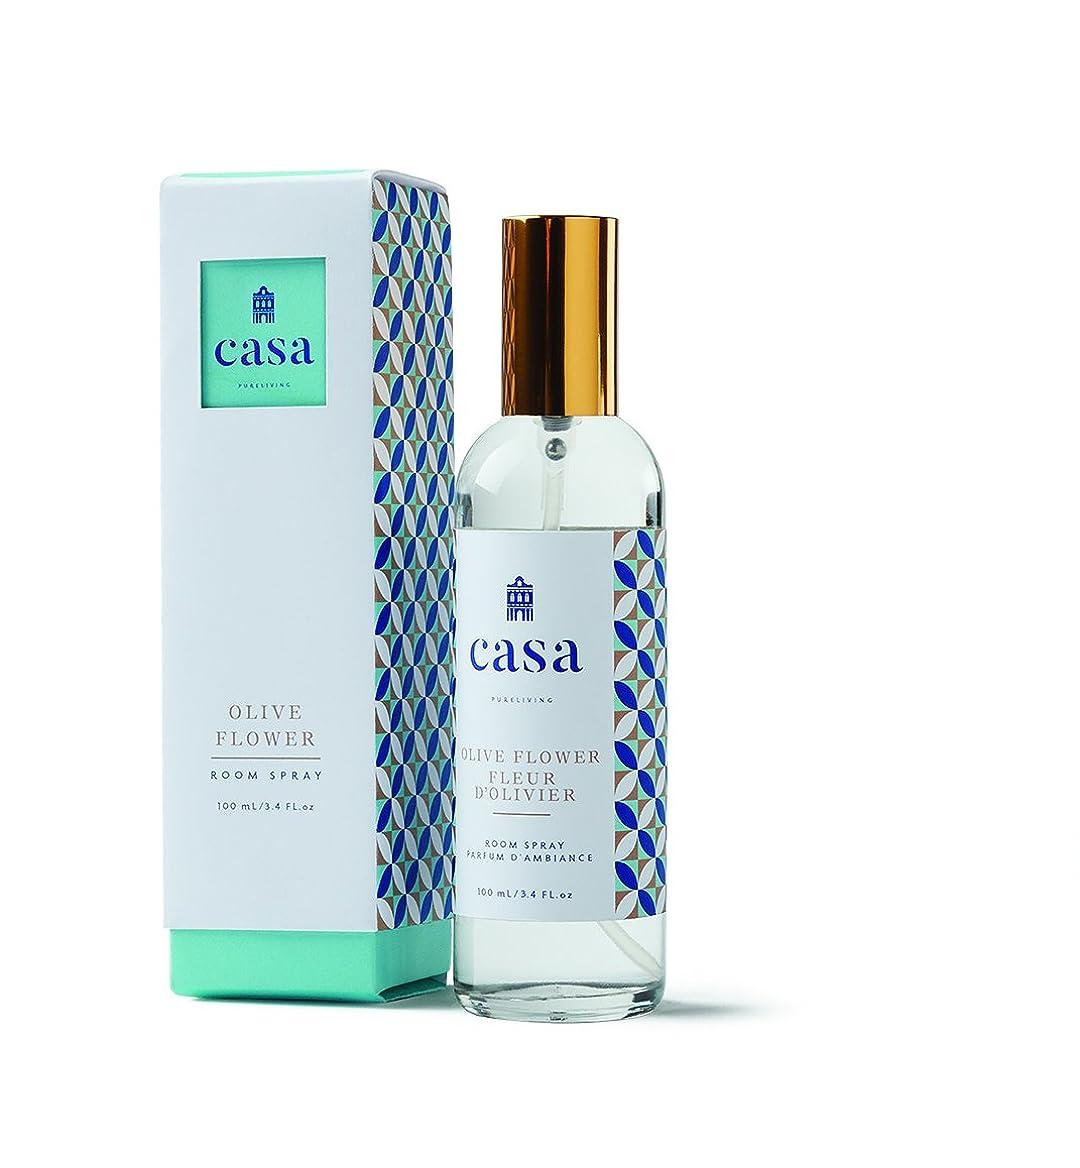 枝百万罹患率CASA カーサ ルームスプレー グリーン フレッシュバジル & オリーブ Room Spray Fresh Basil & Olive ピュアリビング Pureliving